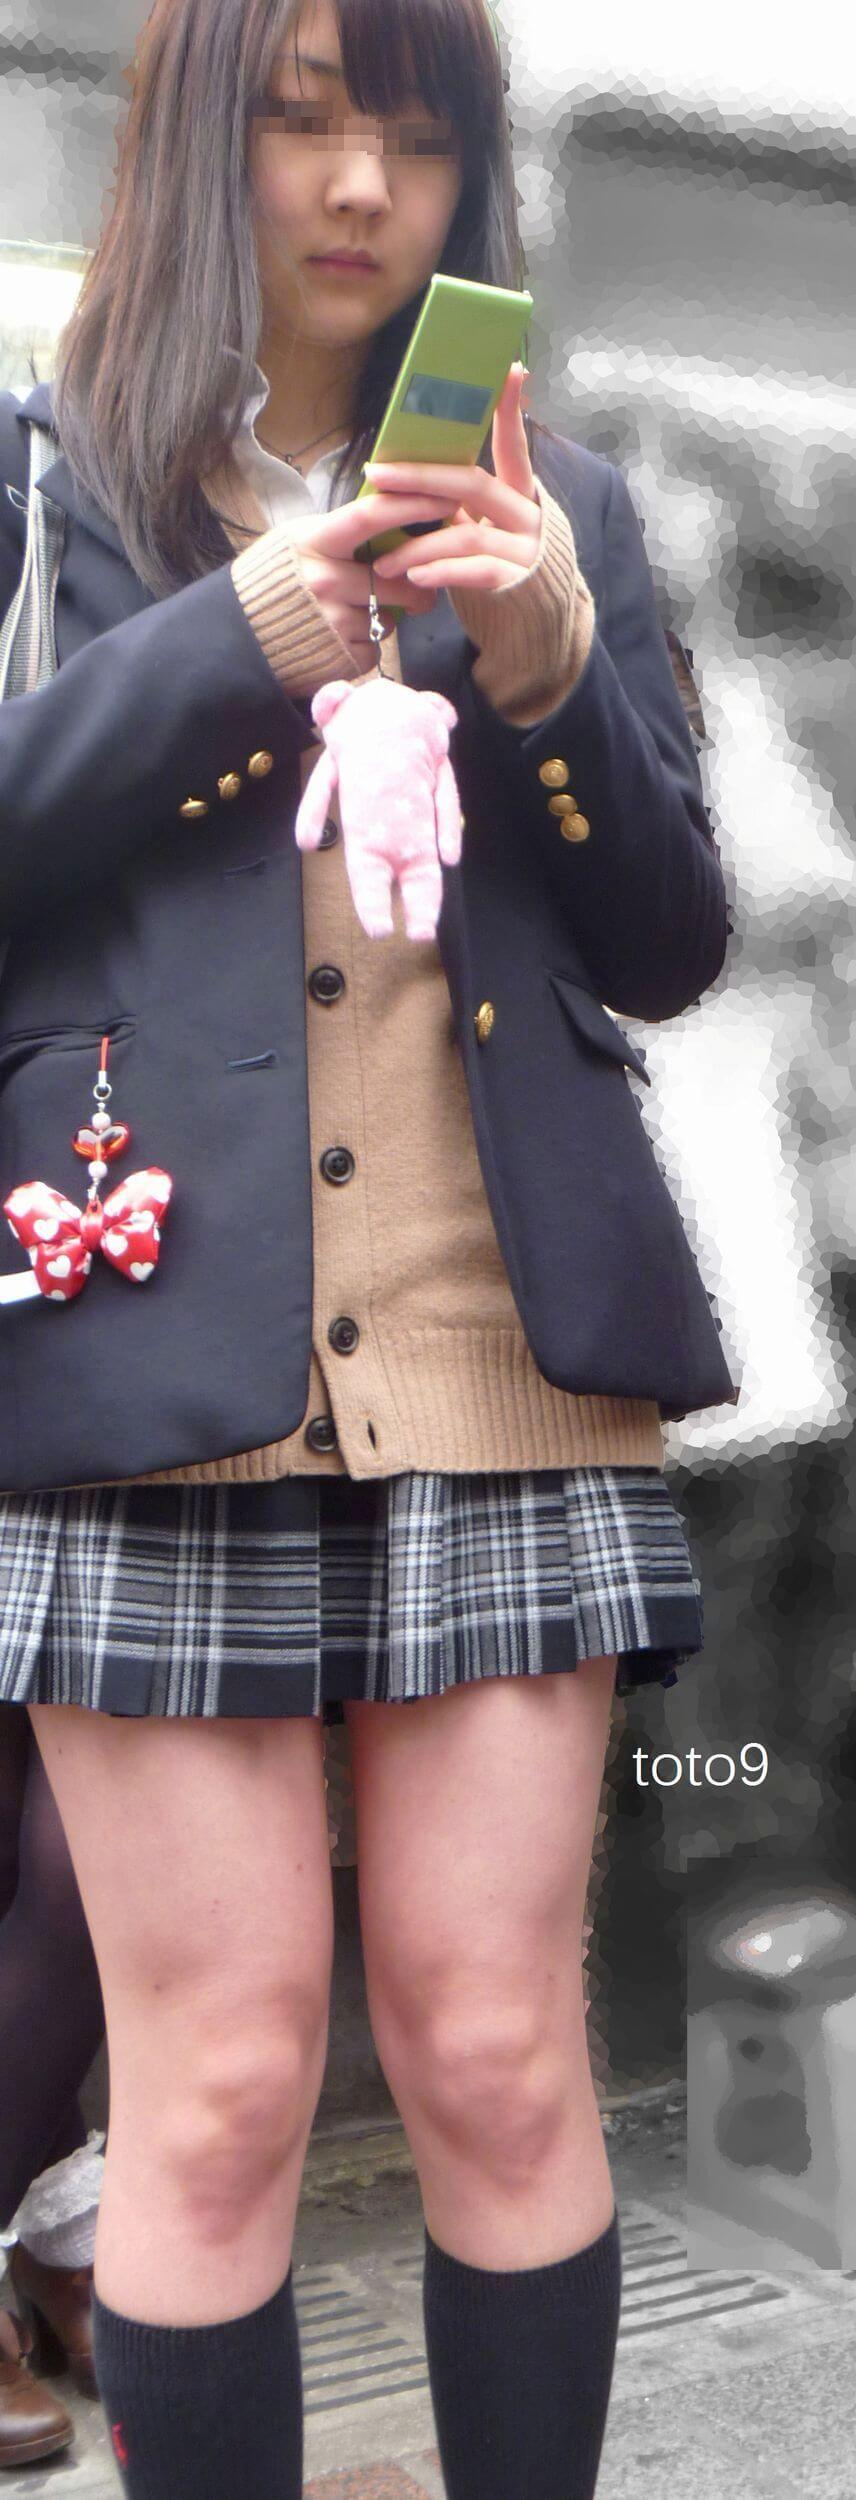 【画像】コロナと春休み・・・待撮り女子高生の写真をどうぞ